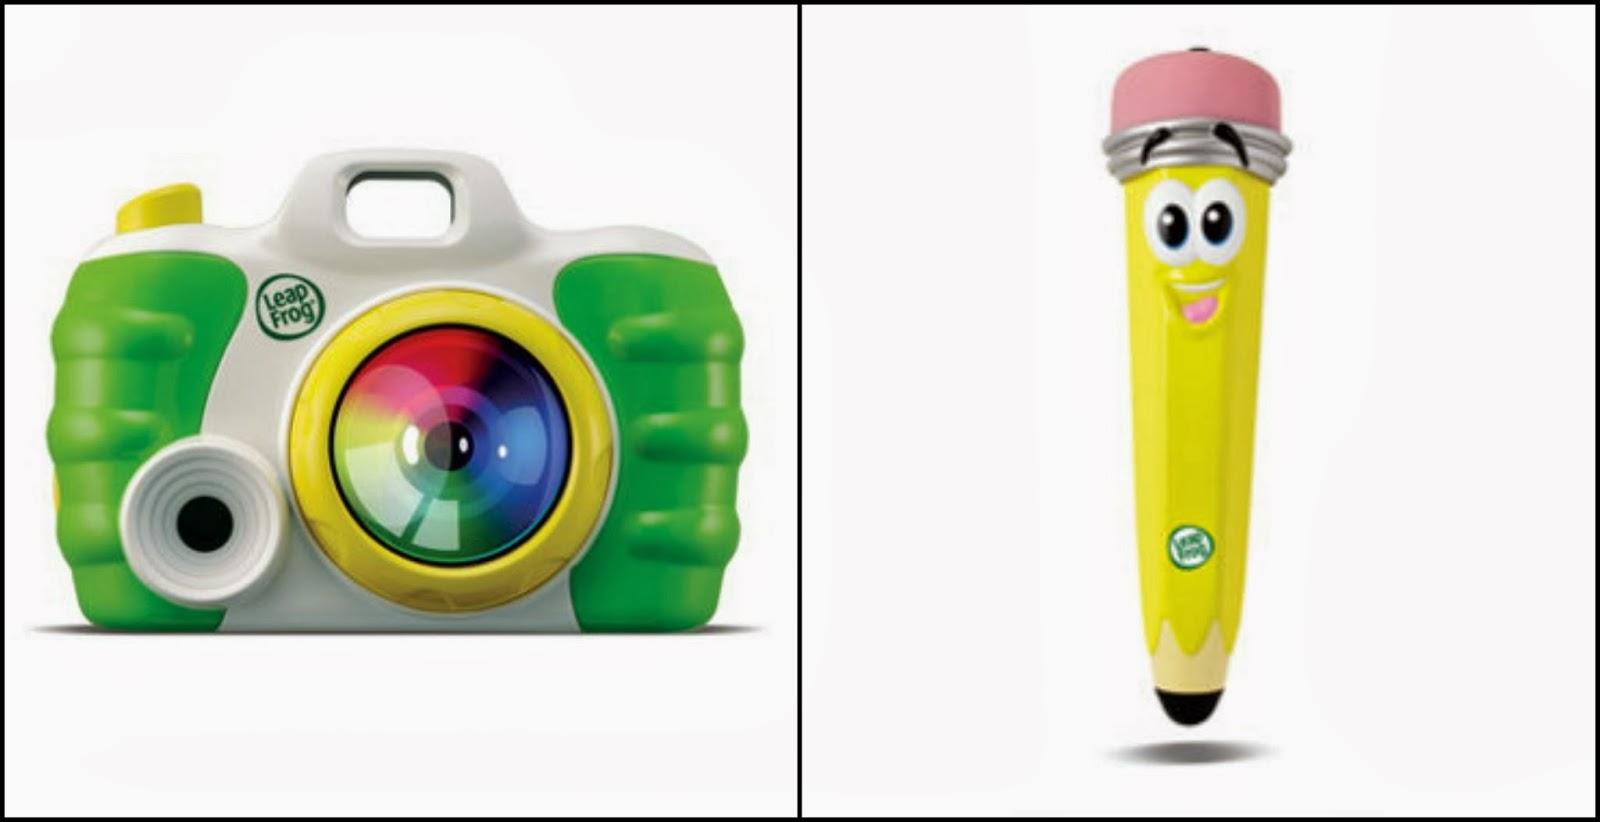 LeapFrog new app toys